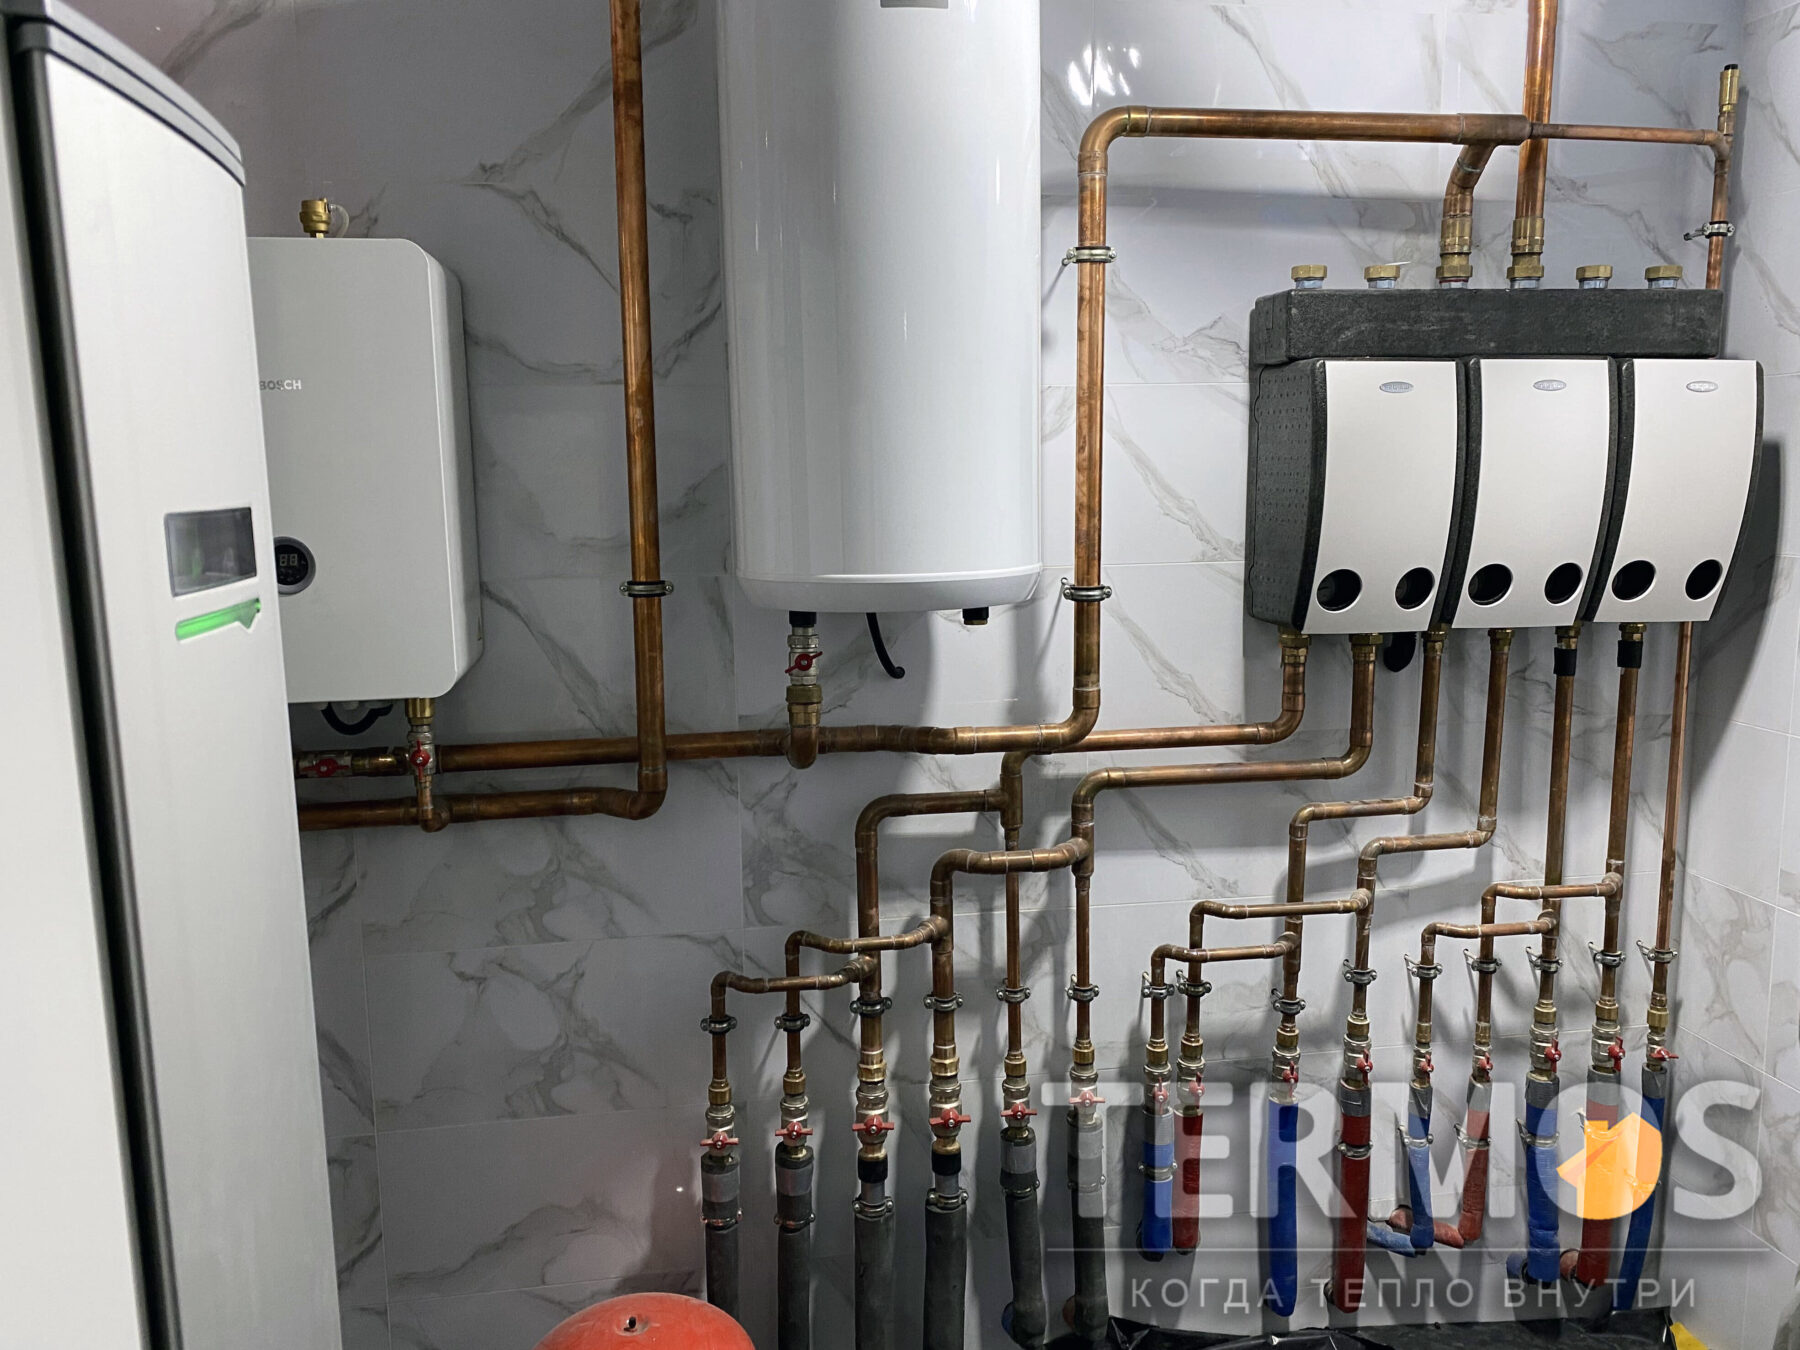 Опалення будинку забезпечують насосні групи теплої підлоги, дизайн радіаторів і внутріпольних конвекторів